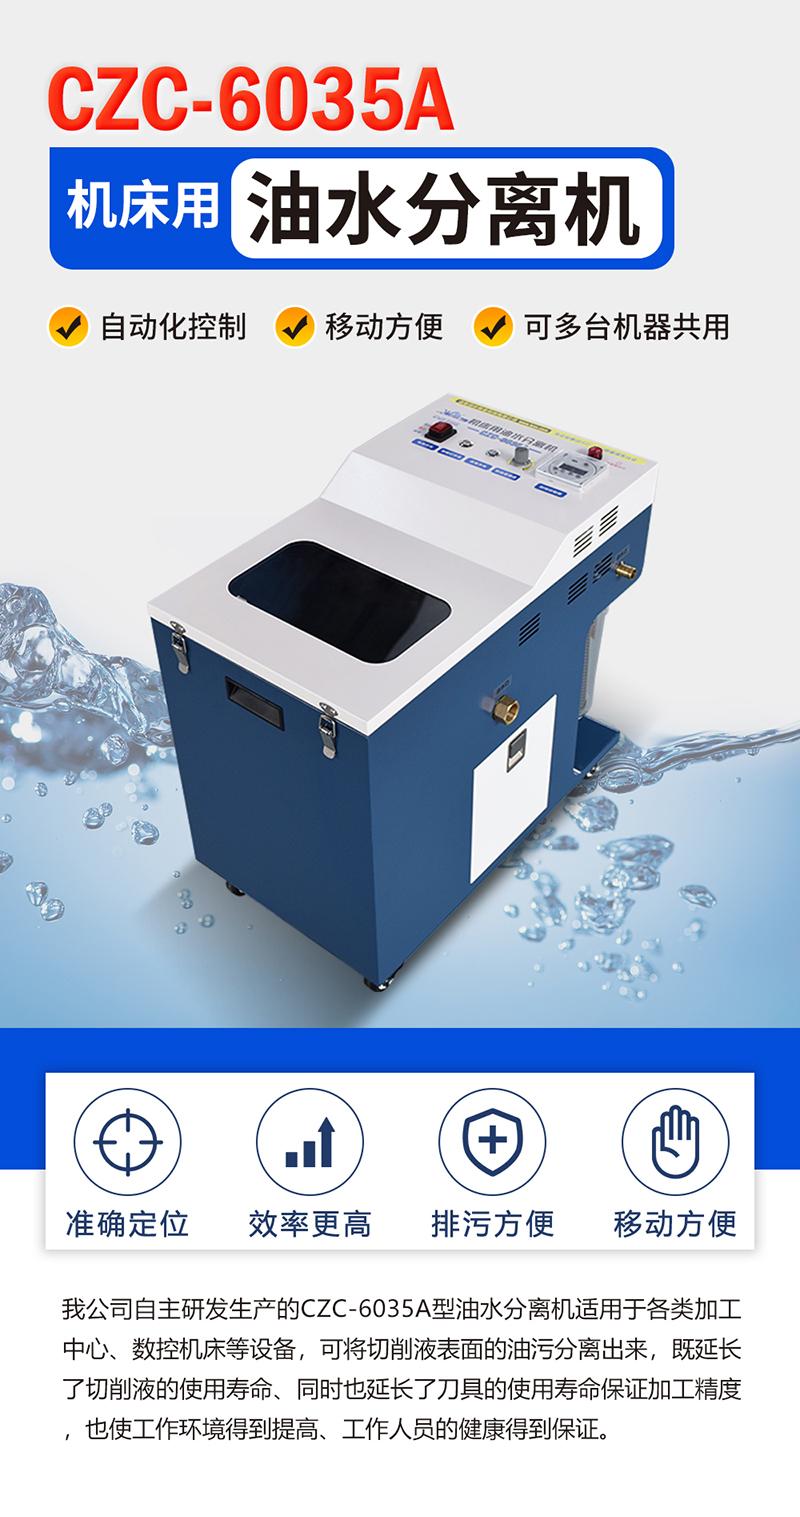 【定稿】CZC-6035A油水分离机详情K1102张晓燕_01.jpg